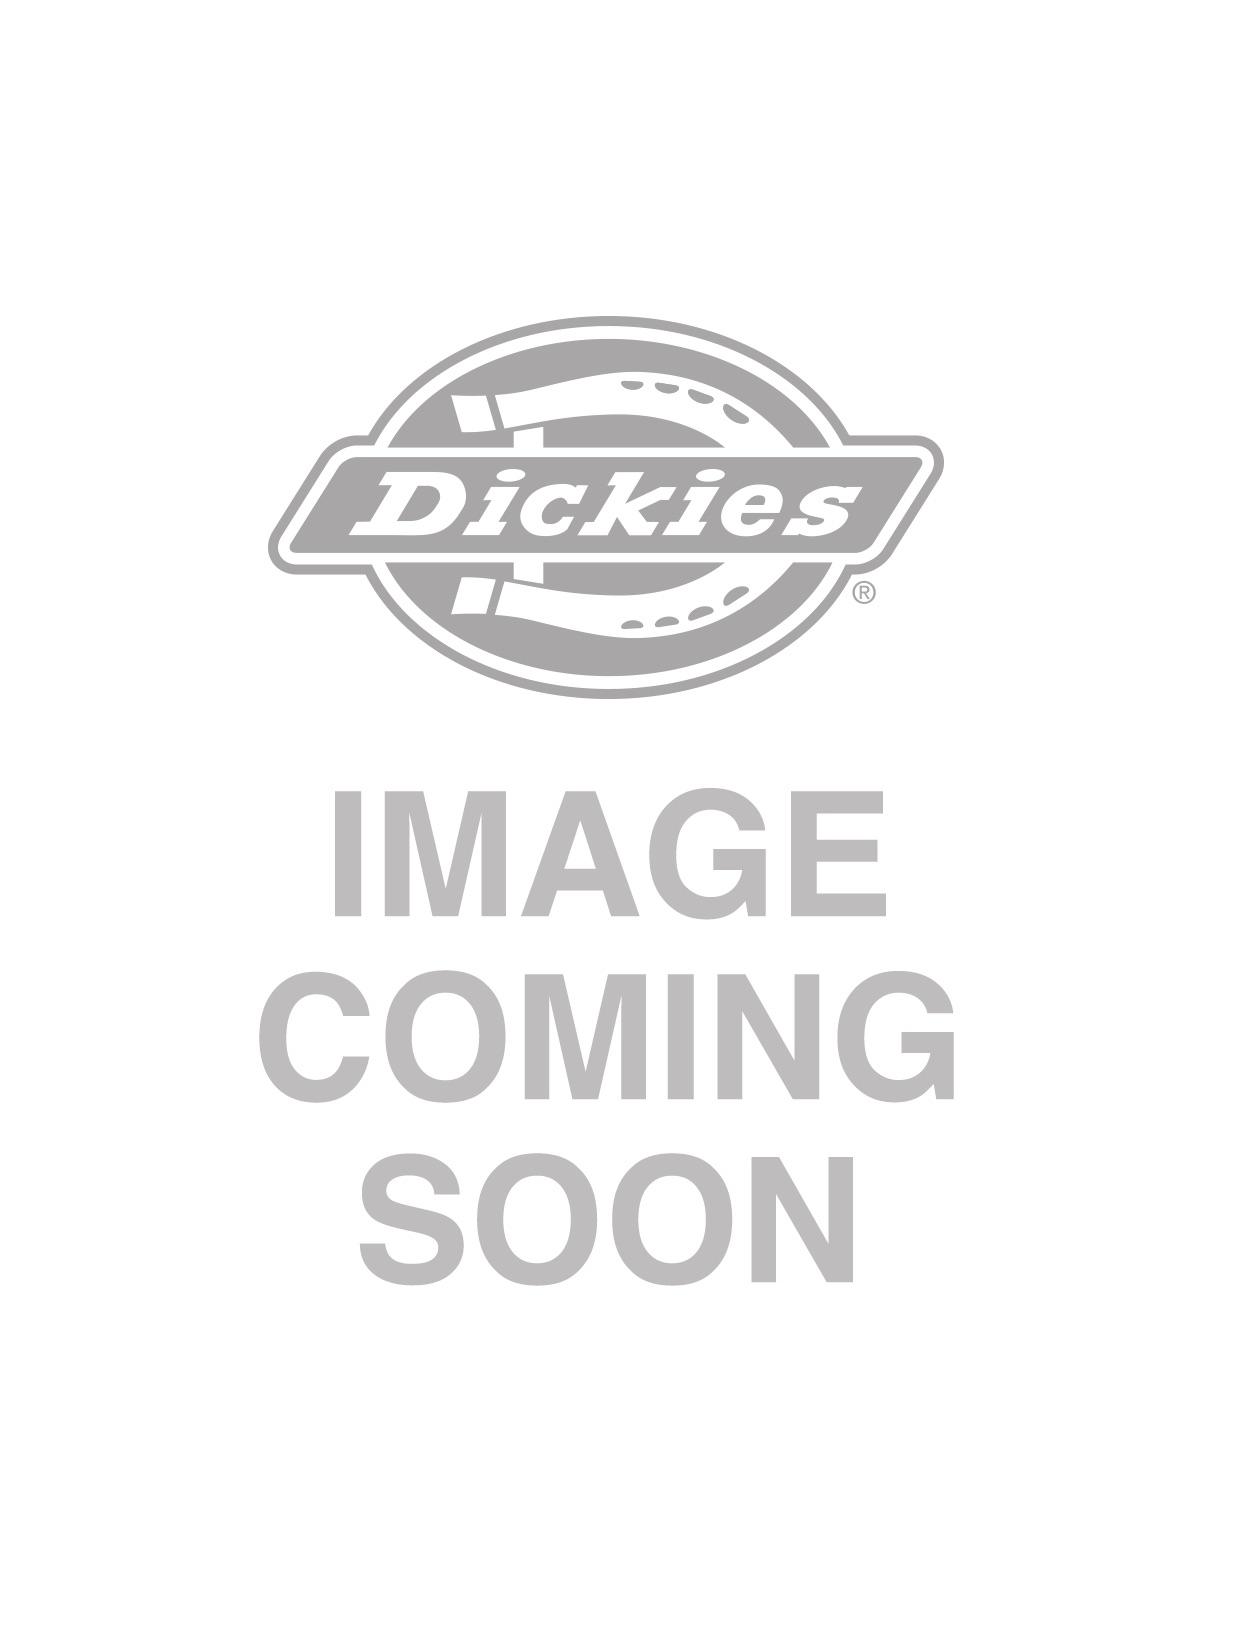 Dickies Smithboro T-Shirt